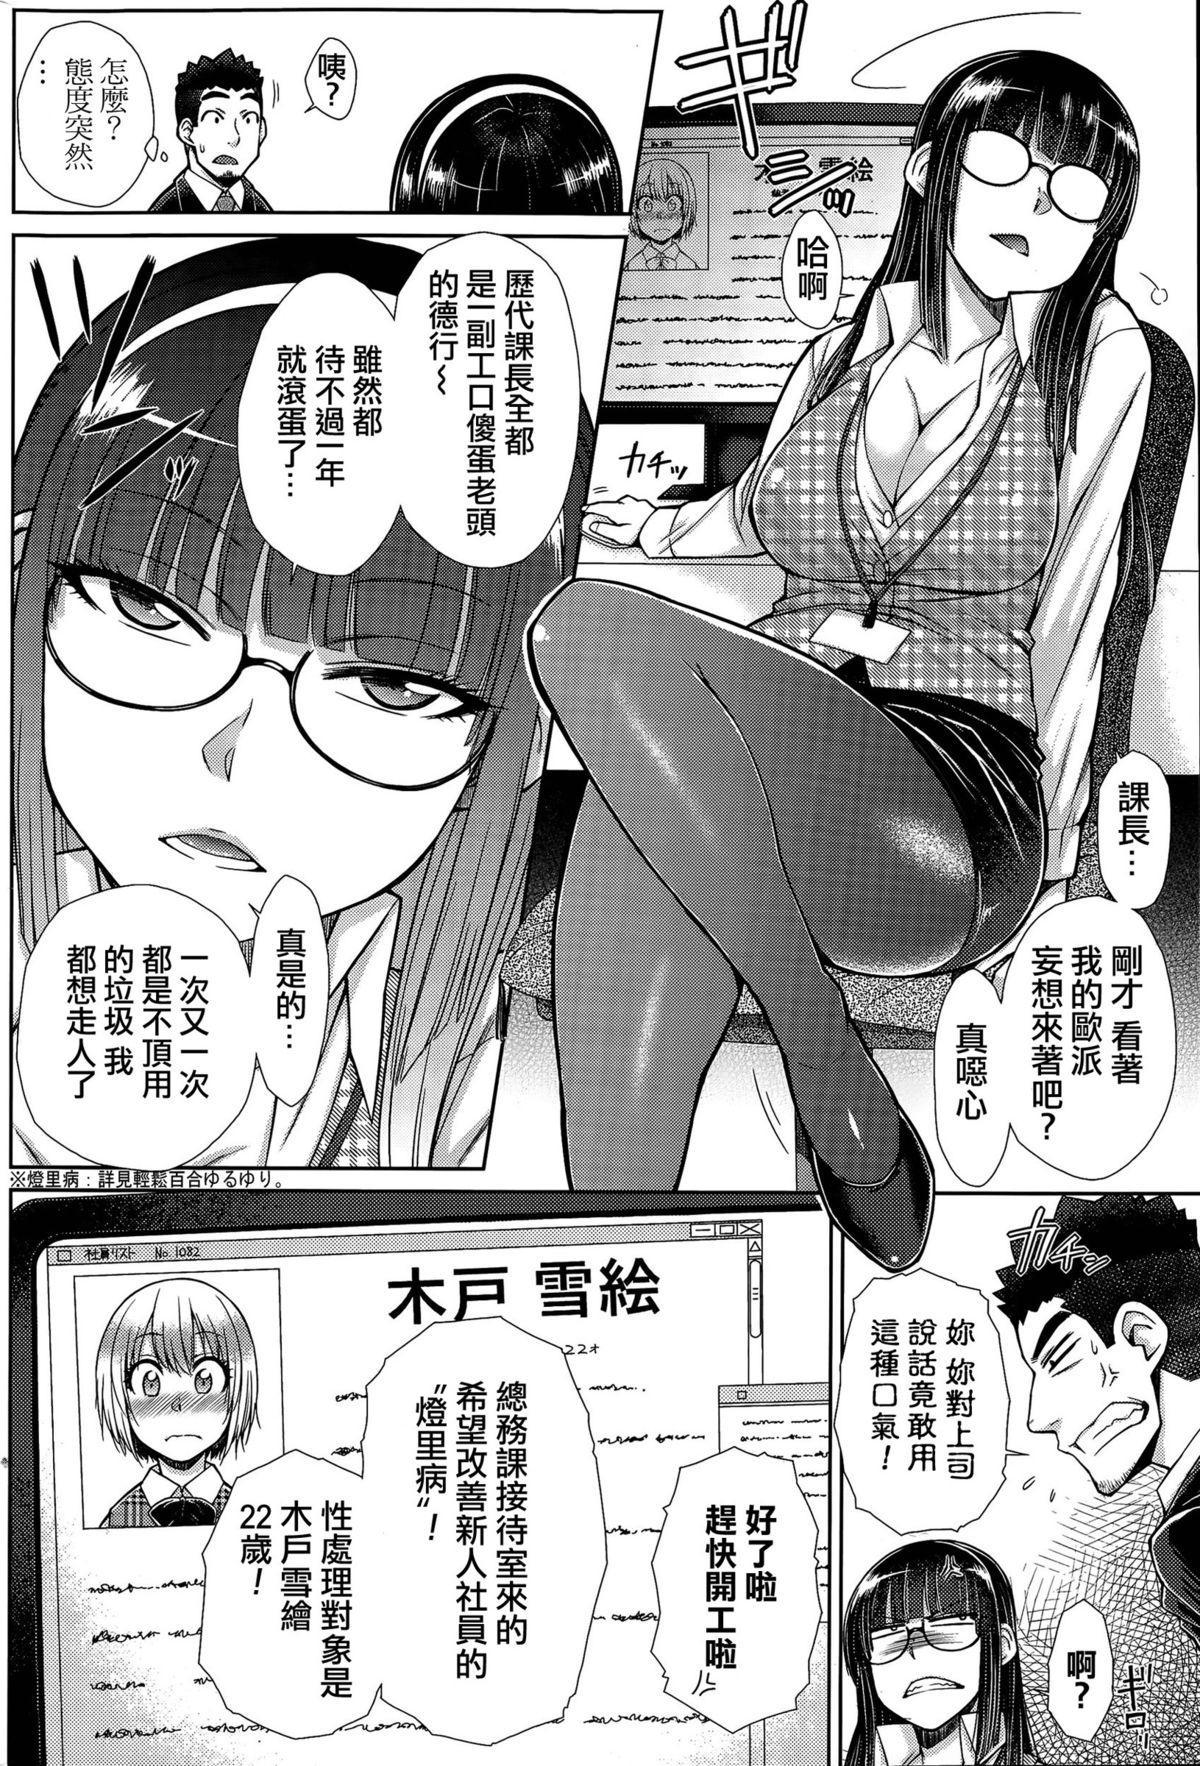 Zetsurin Danshi no Harem Seikatsu Ch. 1-4 23